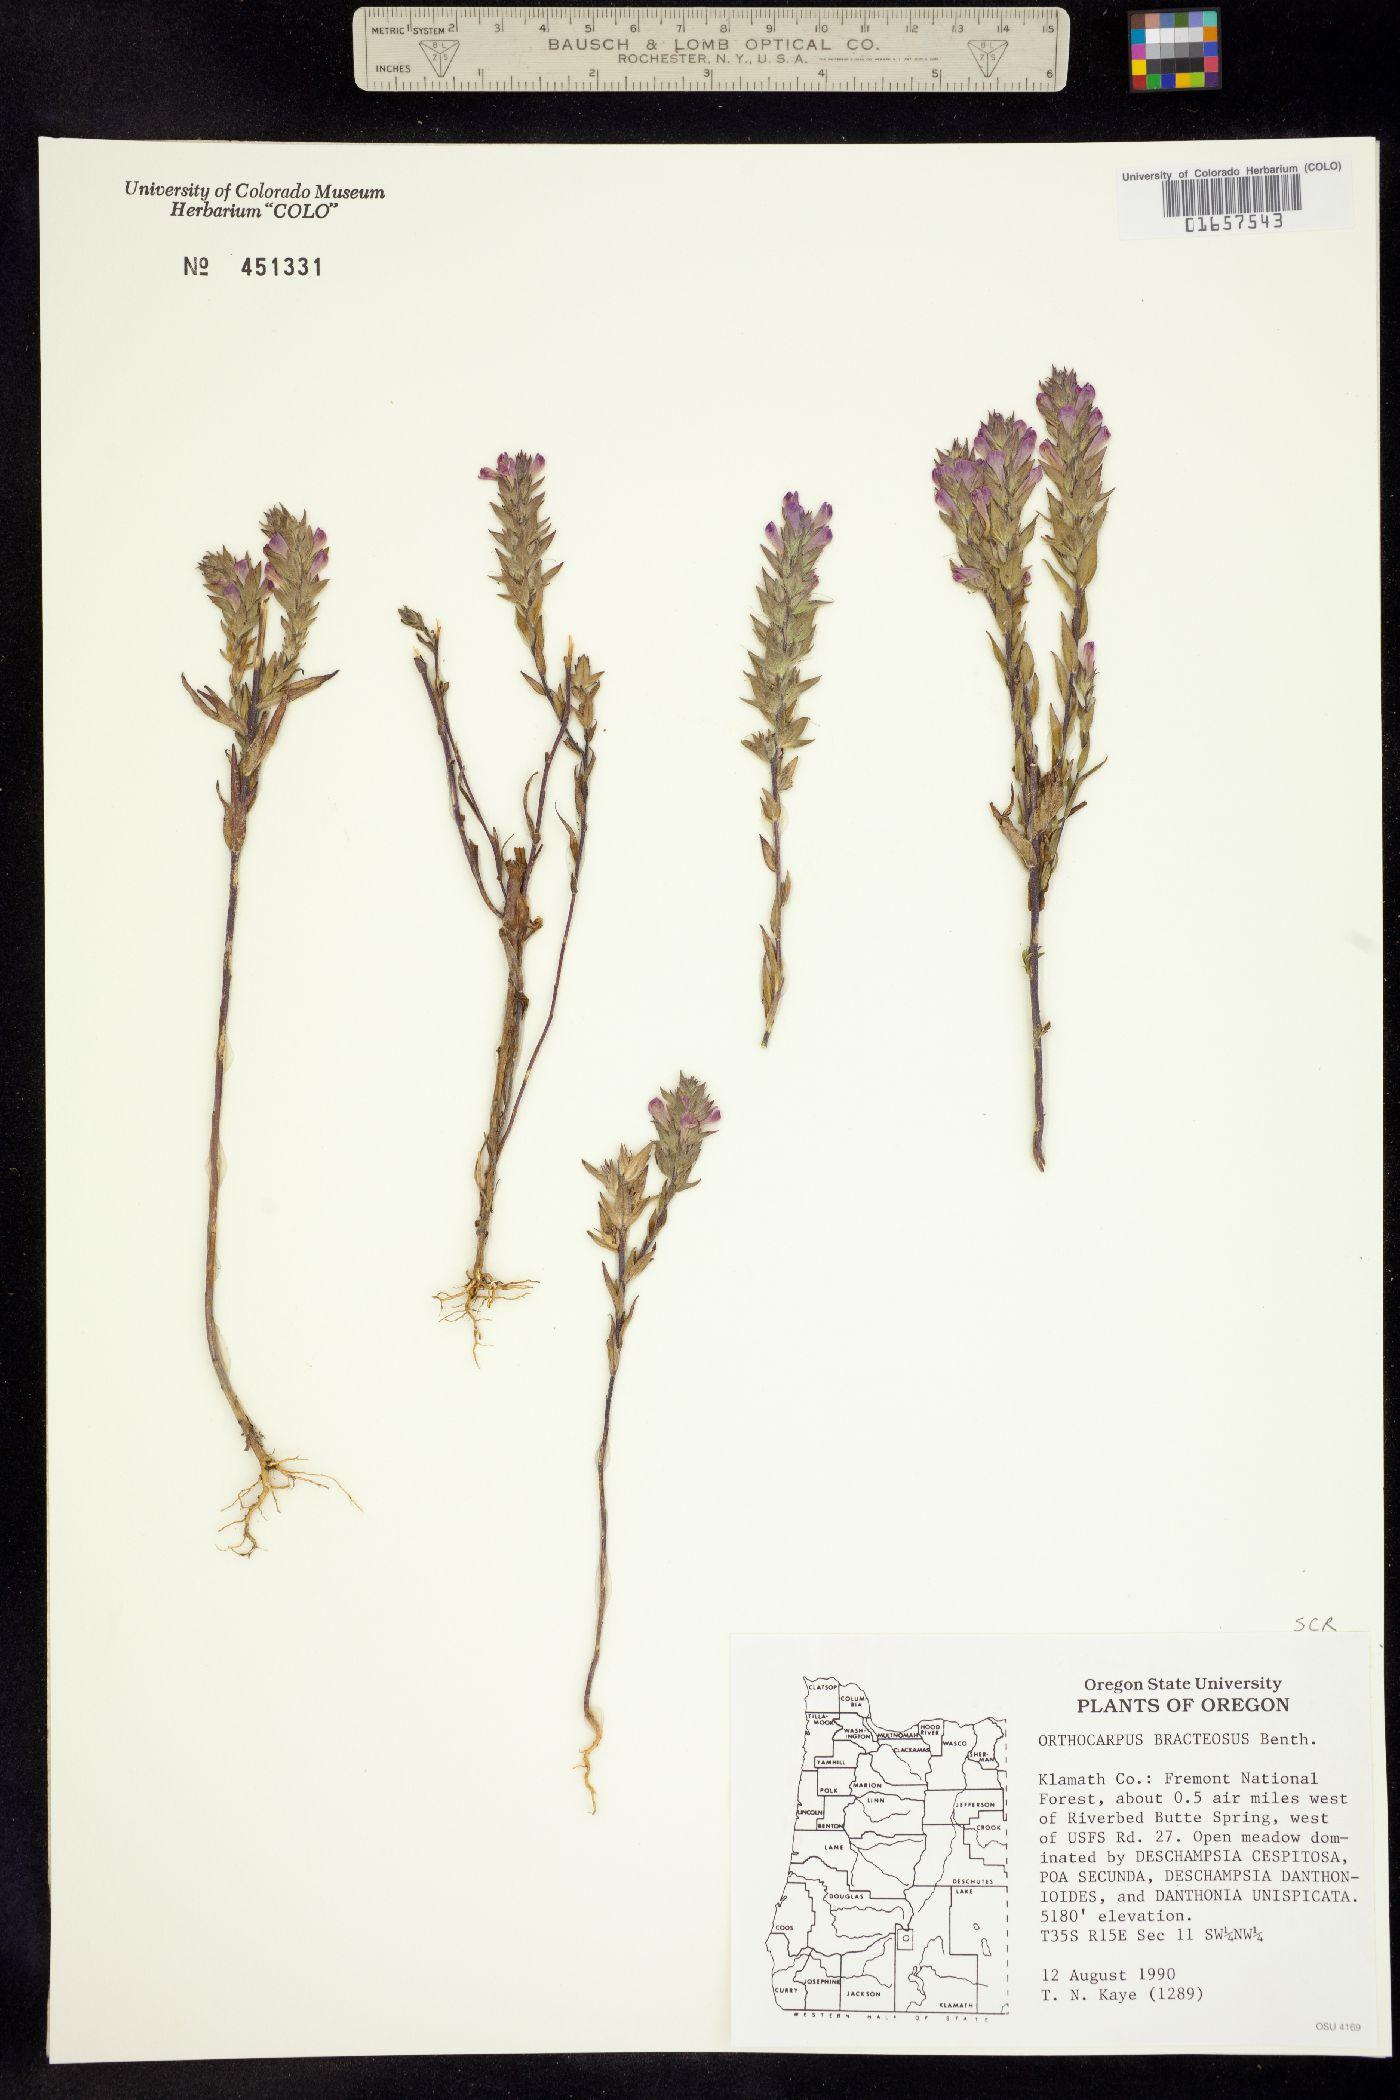 Orthocarpus bracteosus image